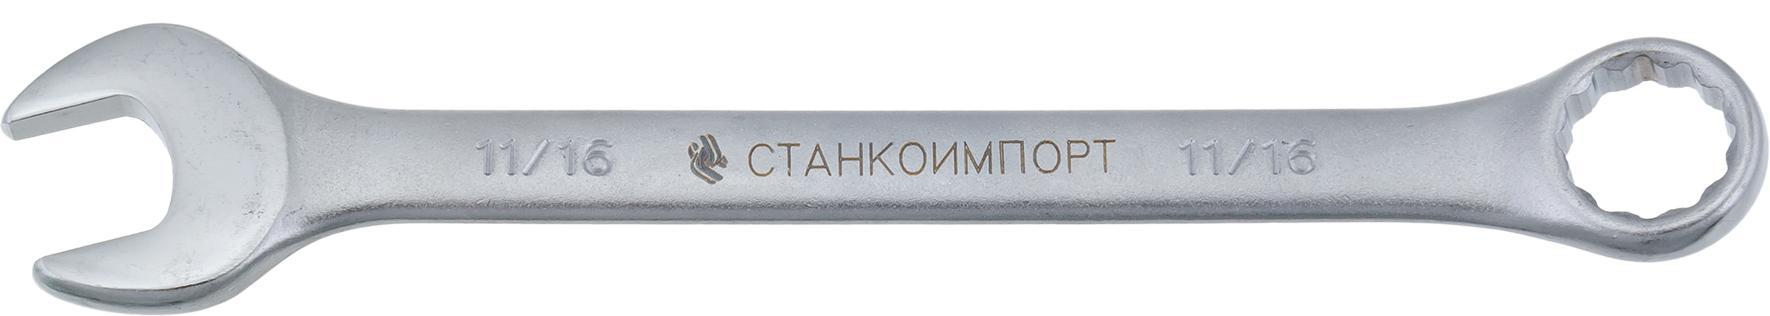 Купить Ключ СТАНКОИМПОРТ КК.11.29.Д1-3/4